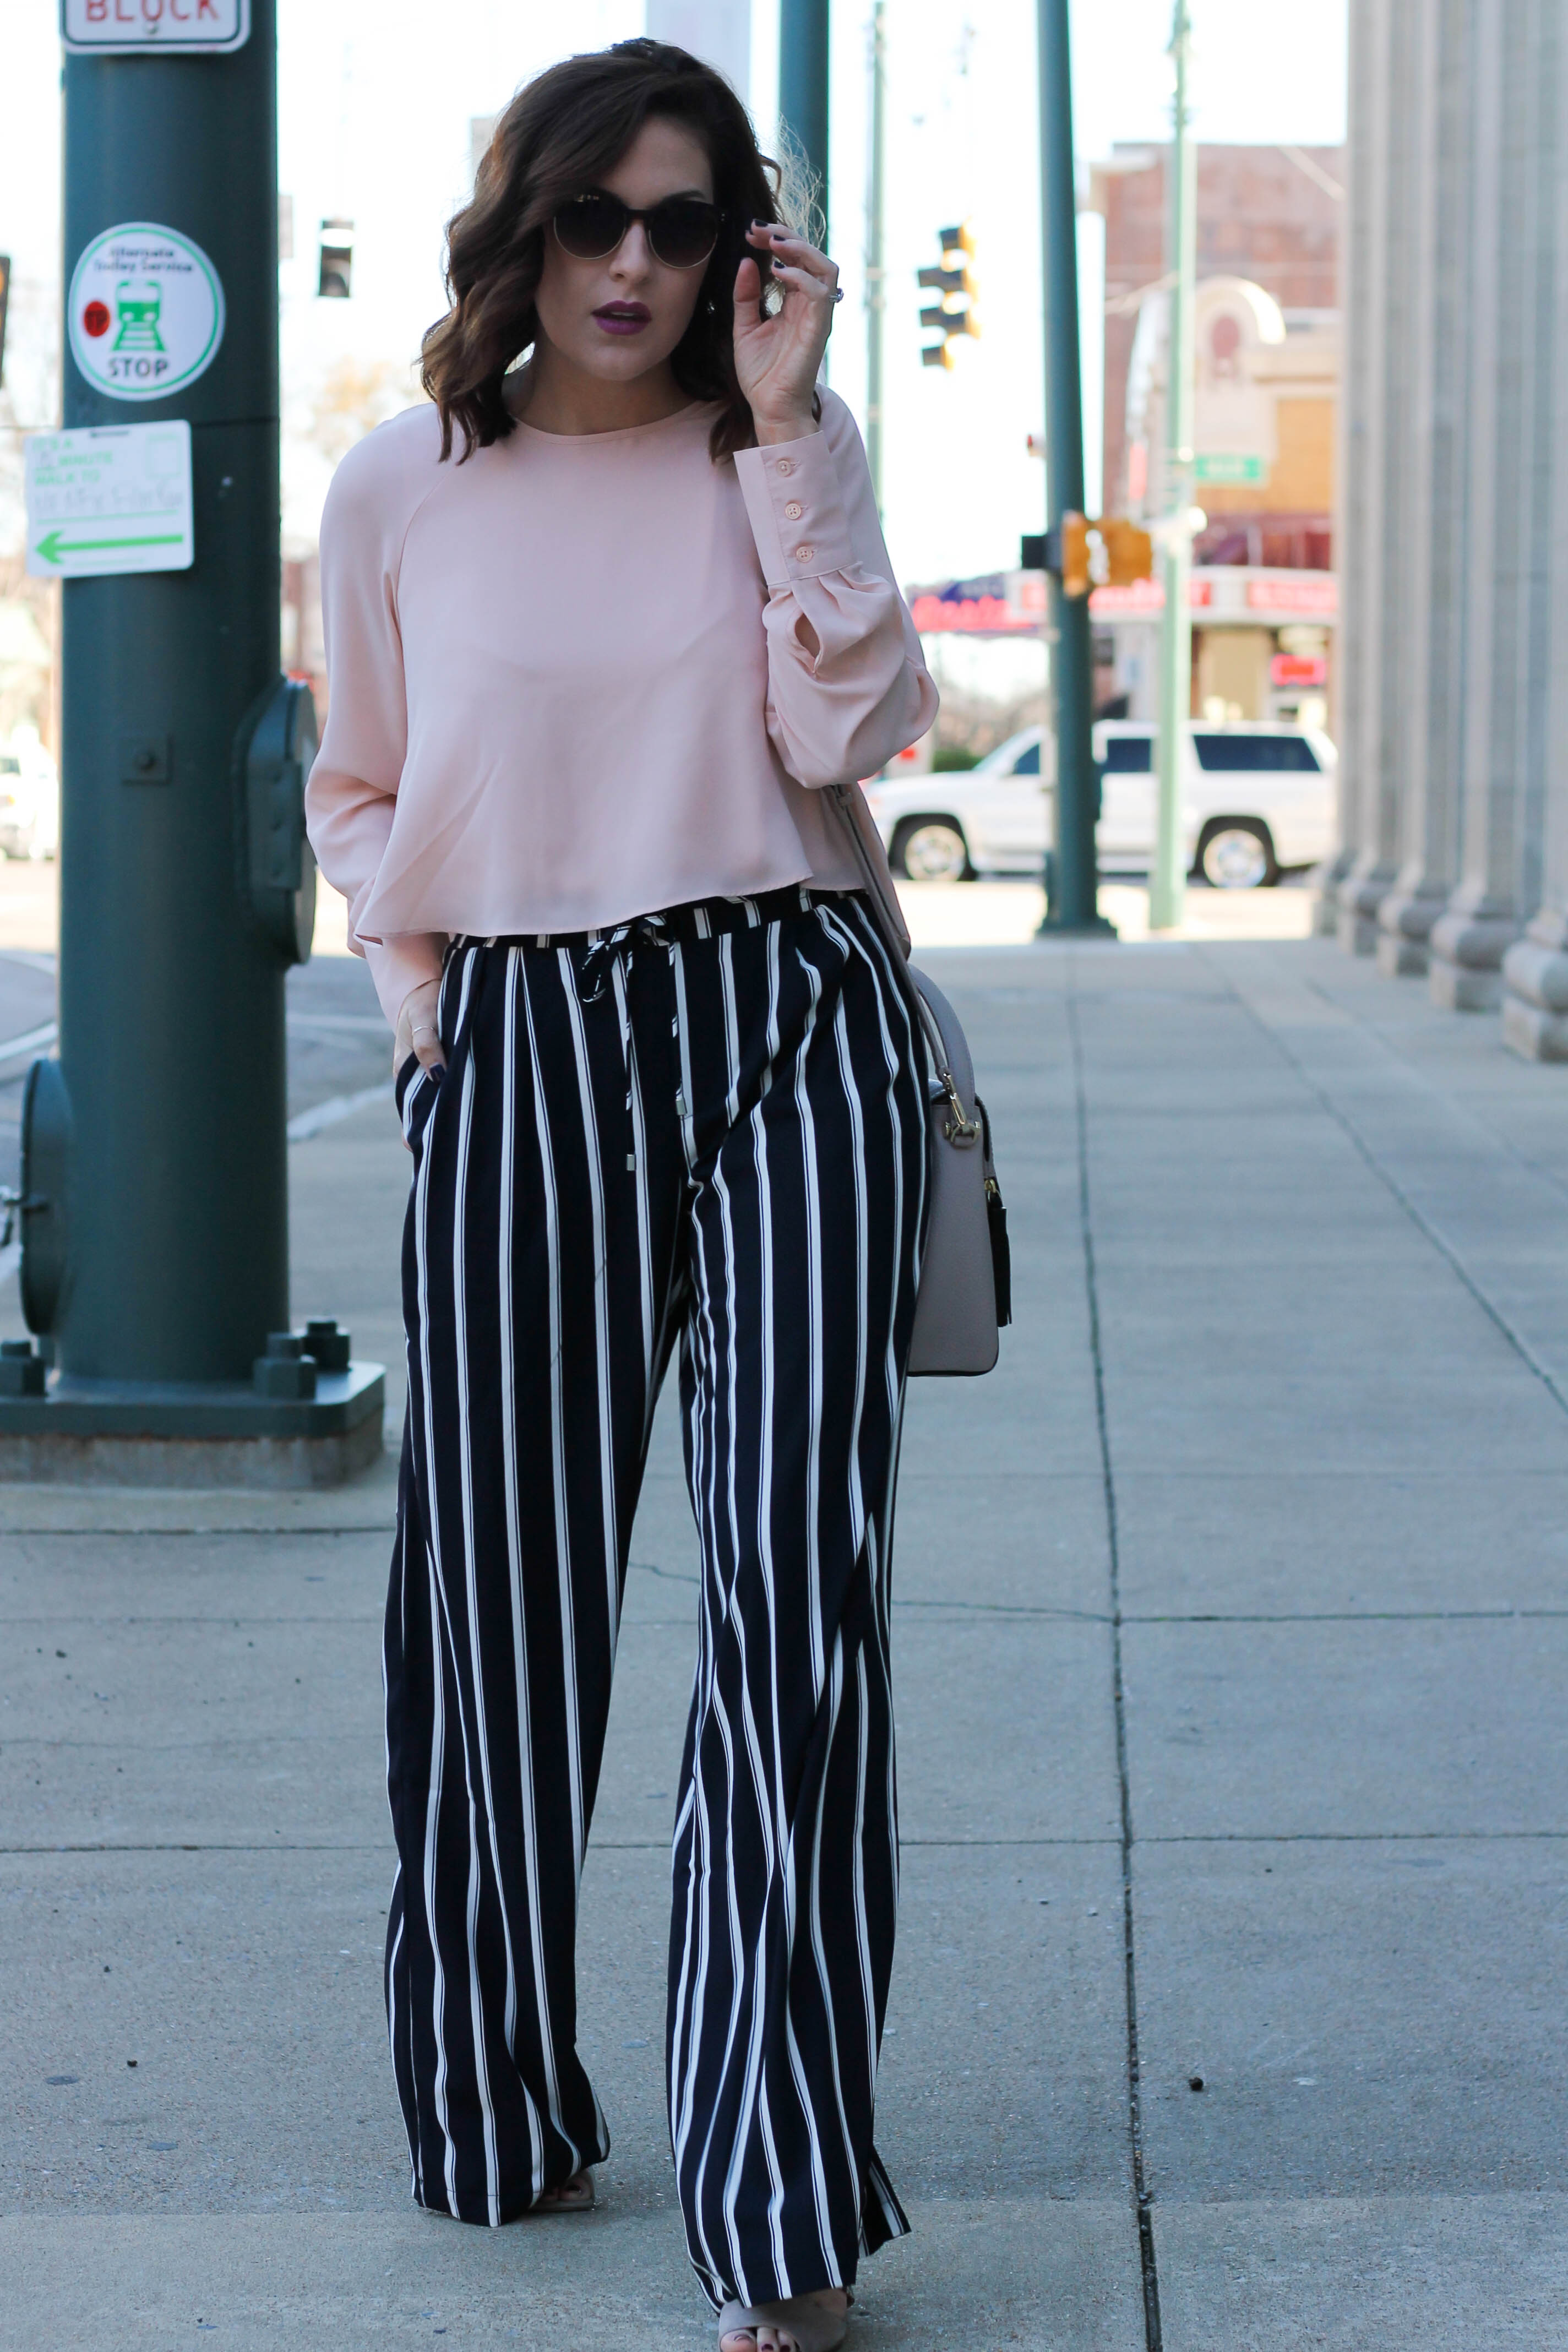 striped-pants-11